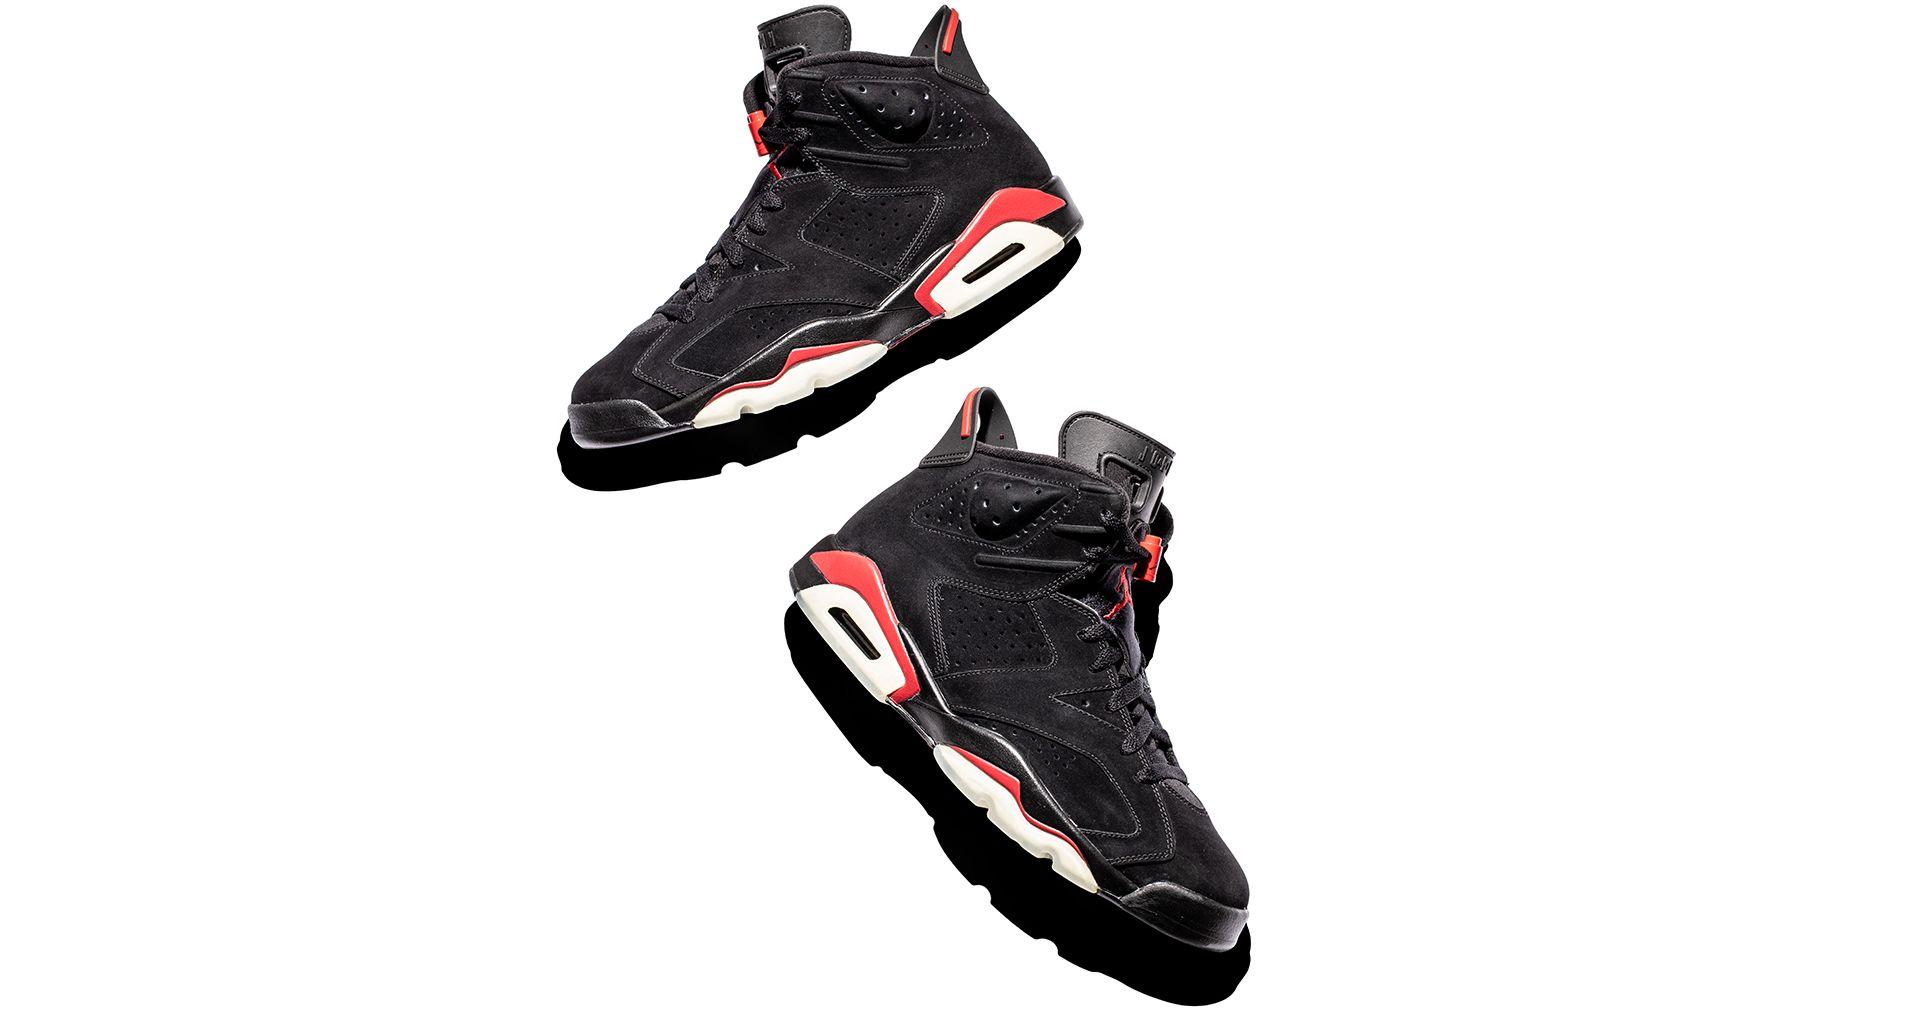 wholesale dealer 46549 f75f5 Inside the Vault: Air Jordan 6 Evolution. Nike+ SNKRS